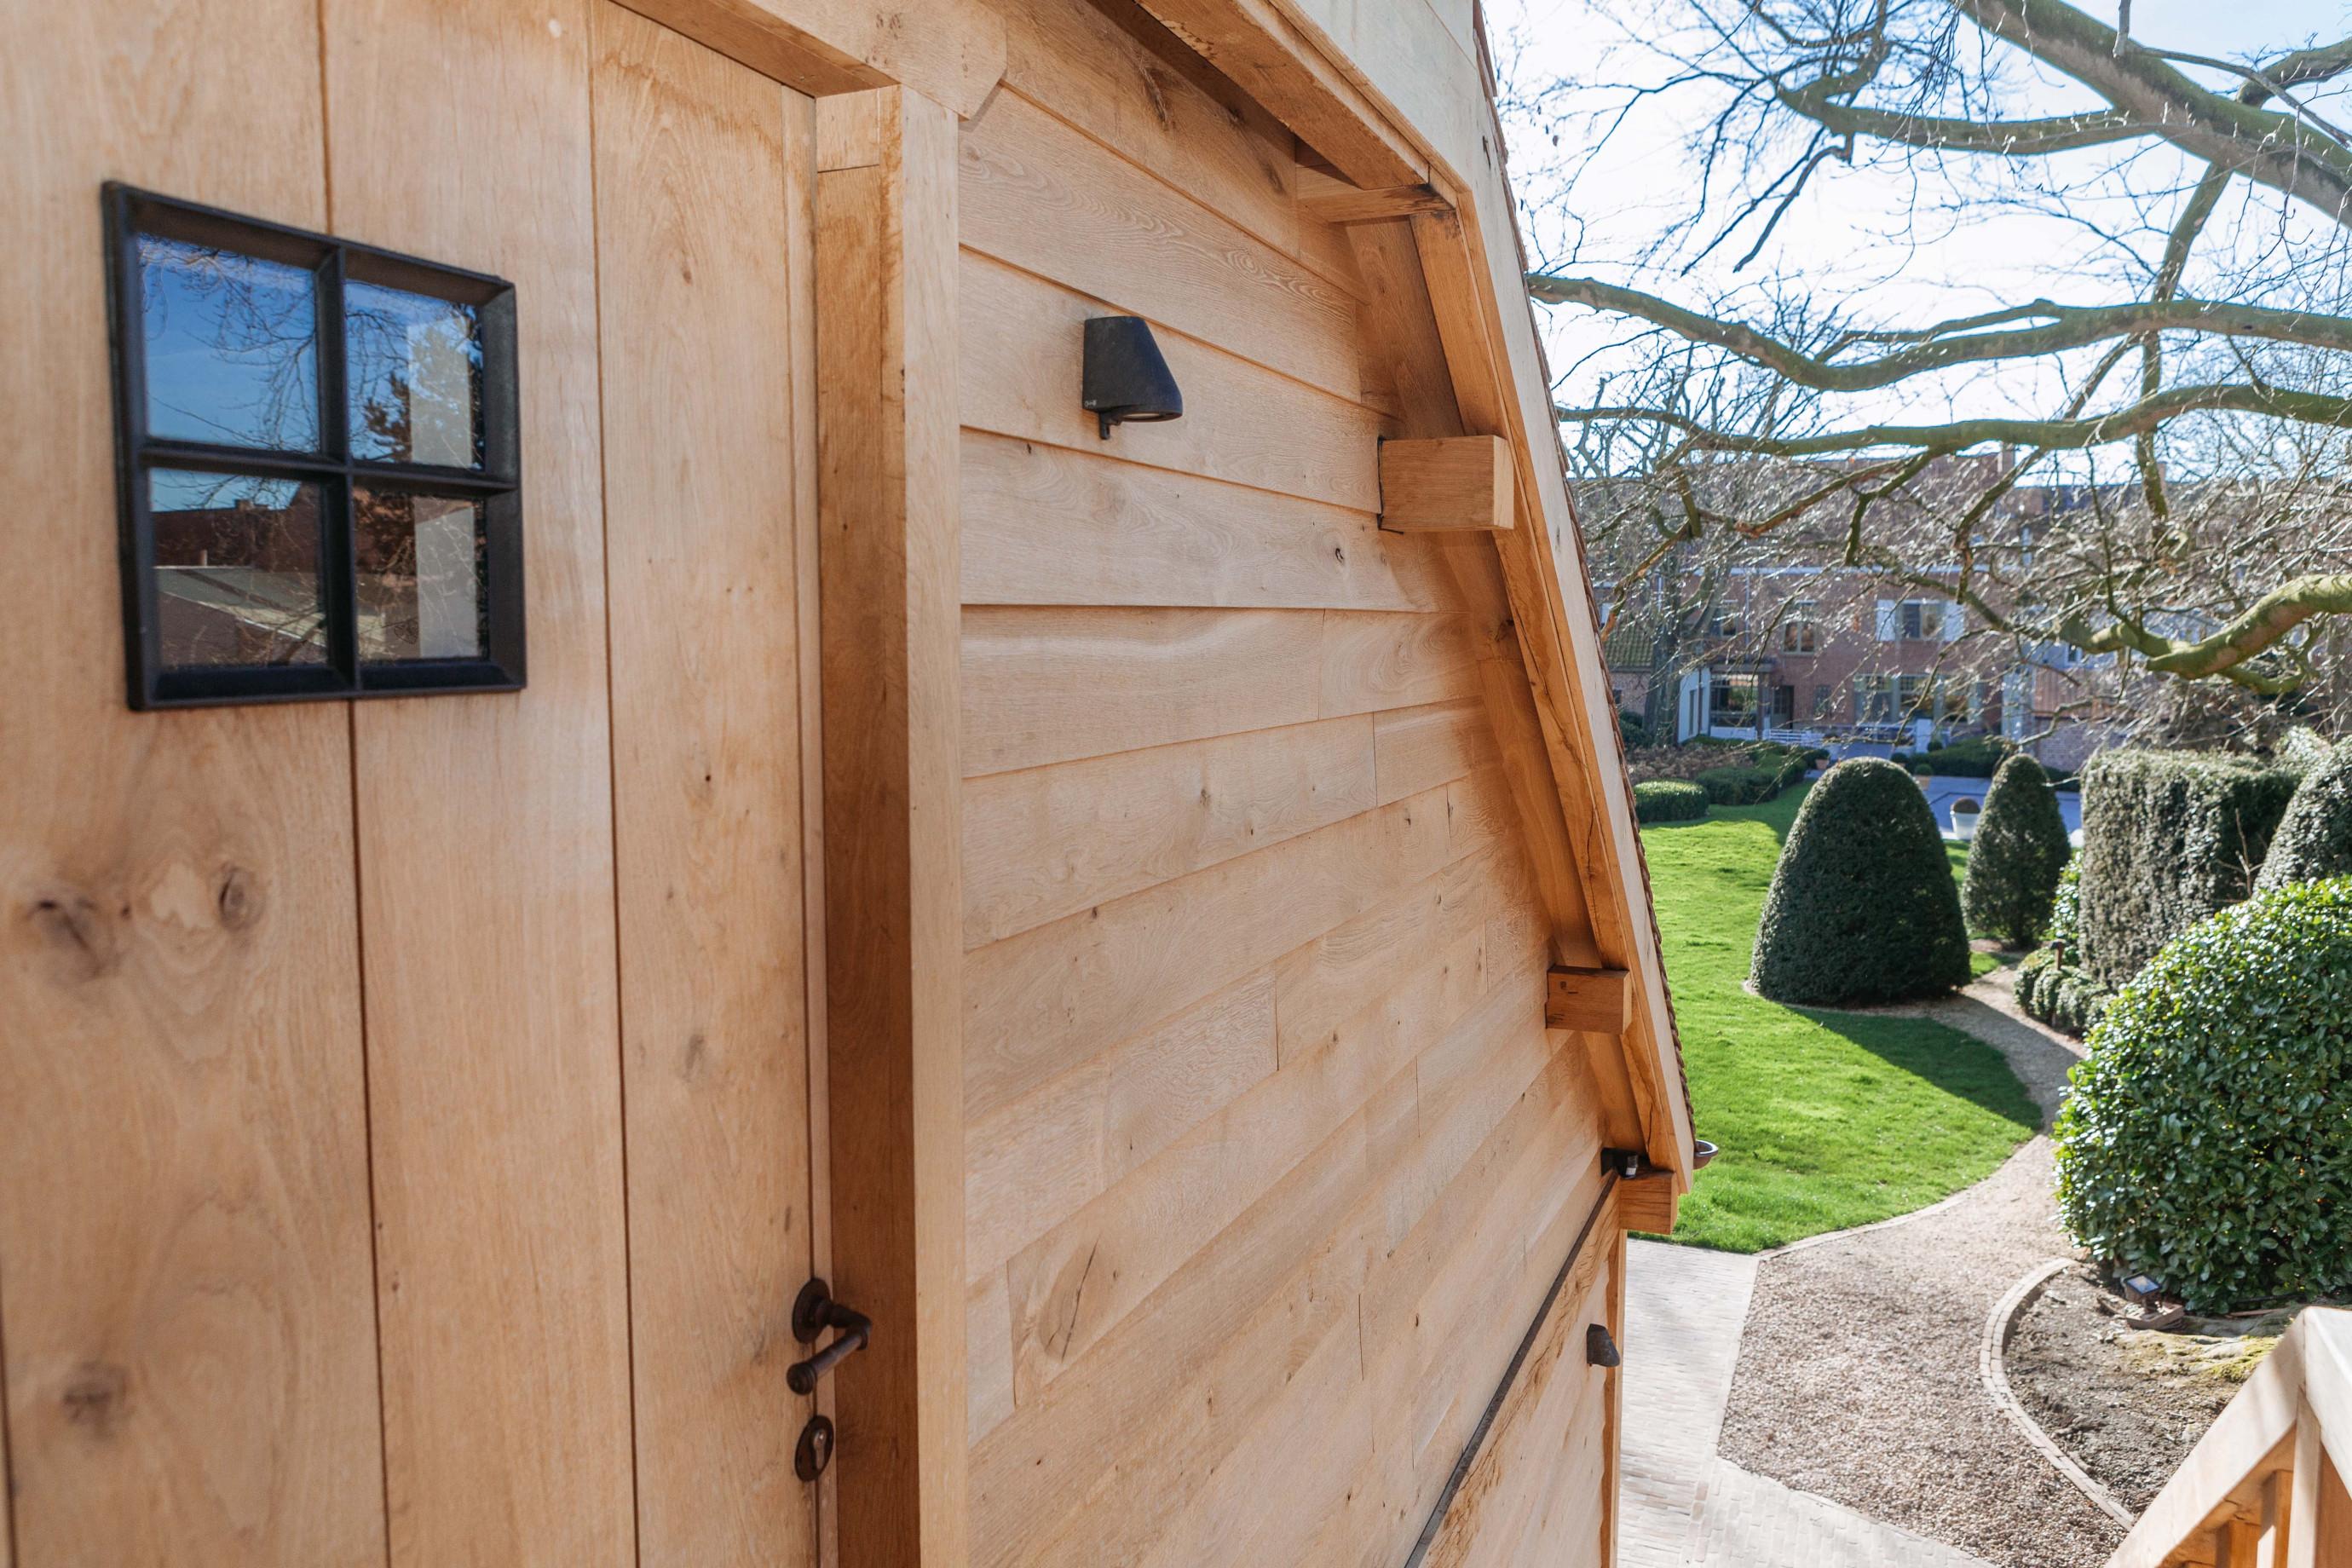 Deze eiken wand behoort tot een rustieke eiken carport met guesthouse. Dit eikenhouten bijgebouw werd gerealiseerd door Vanhauwood. Voor de opbouw van de structuur maakten ze gebruik van een op maat gemaakt eiken bouwpakket van Cornelis Hout.